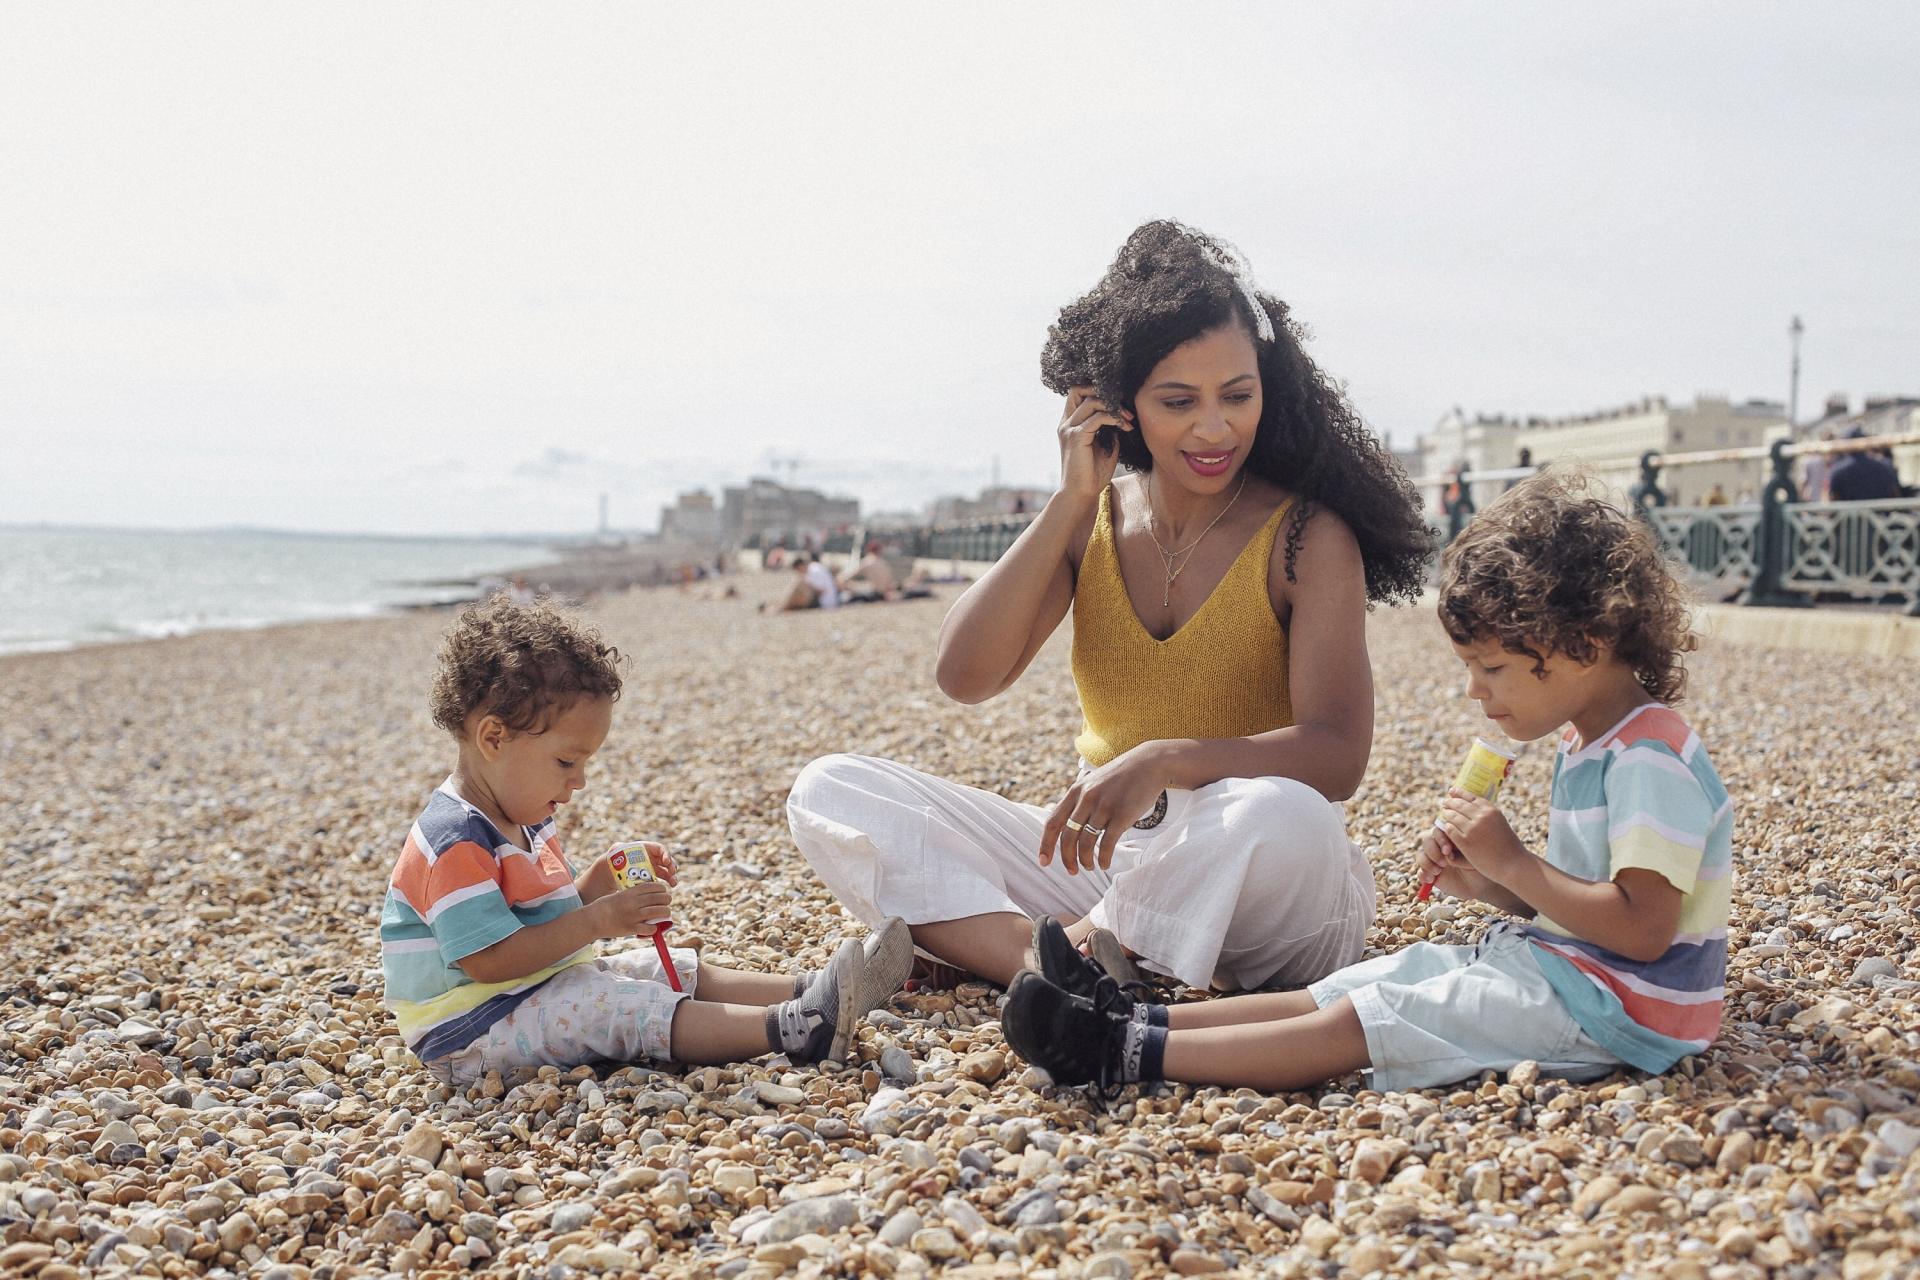 eleanorbarkes.com - 8 valuable lessons motherhood has taught me